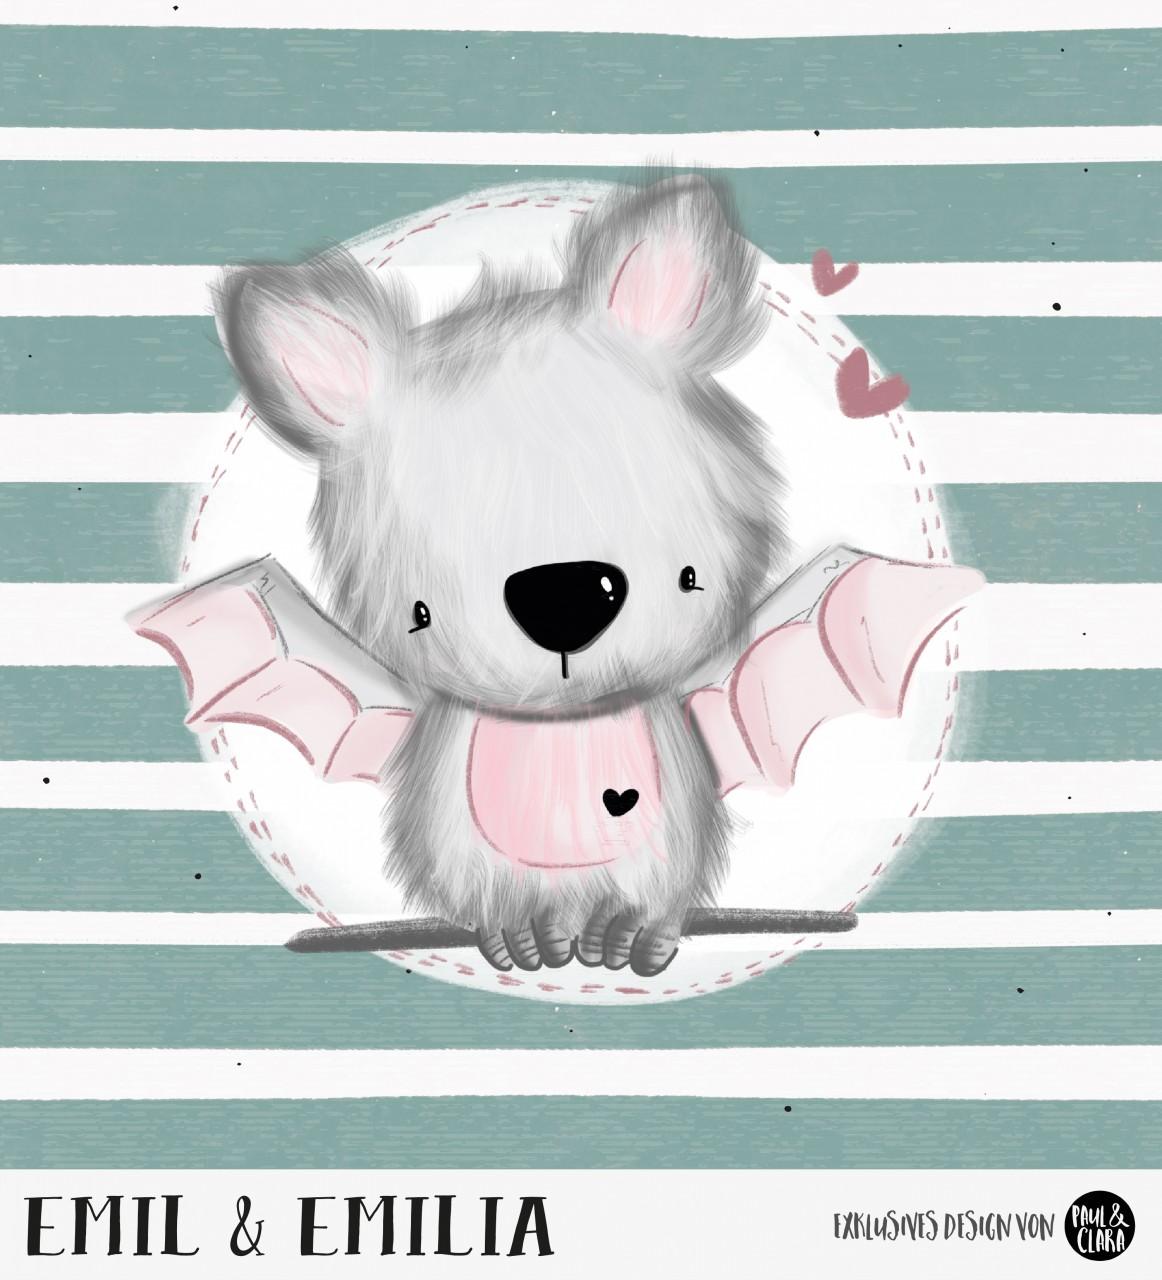 Emil & Emilia - Panel Petrol-Rosa 60 cm *Bio-Sommersweat*